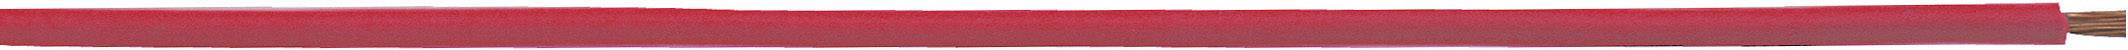 Opletenie / lanko LappKabel 4510163 H05V-K, 1 x 1 mm², vonkajší Ø 2.60 mm, 100 m, ultramarínová modrá